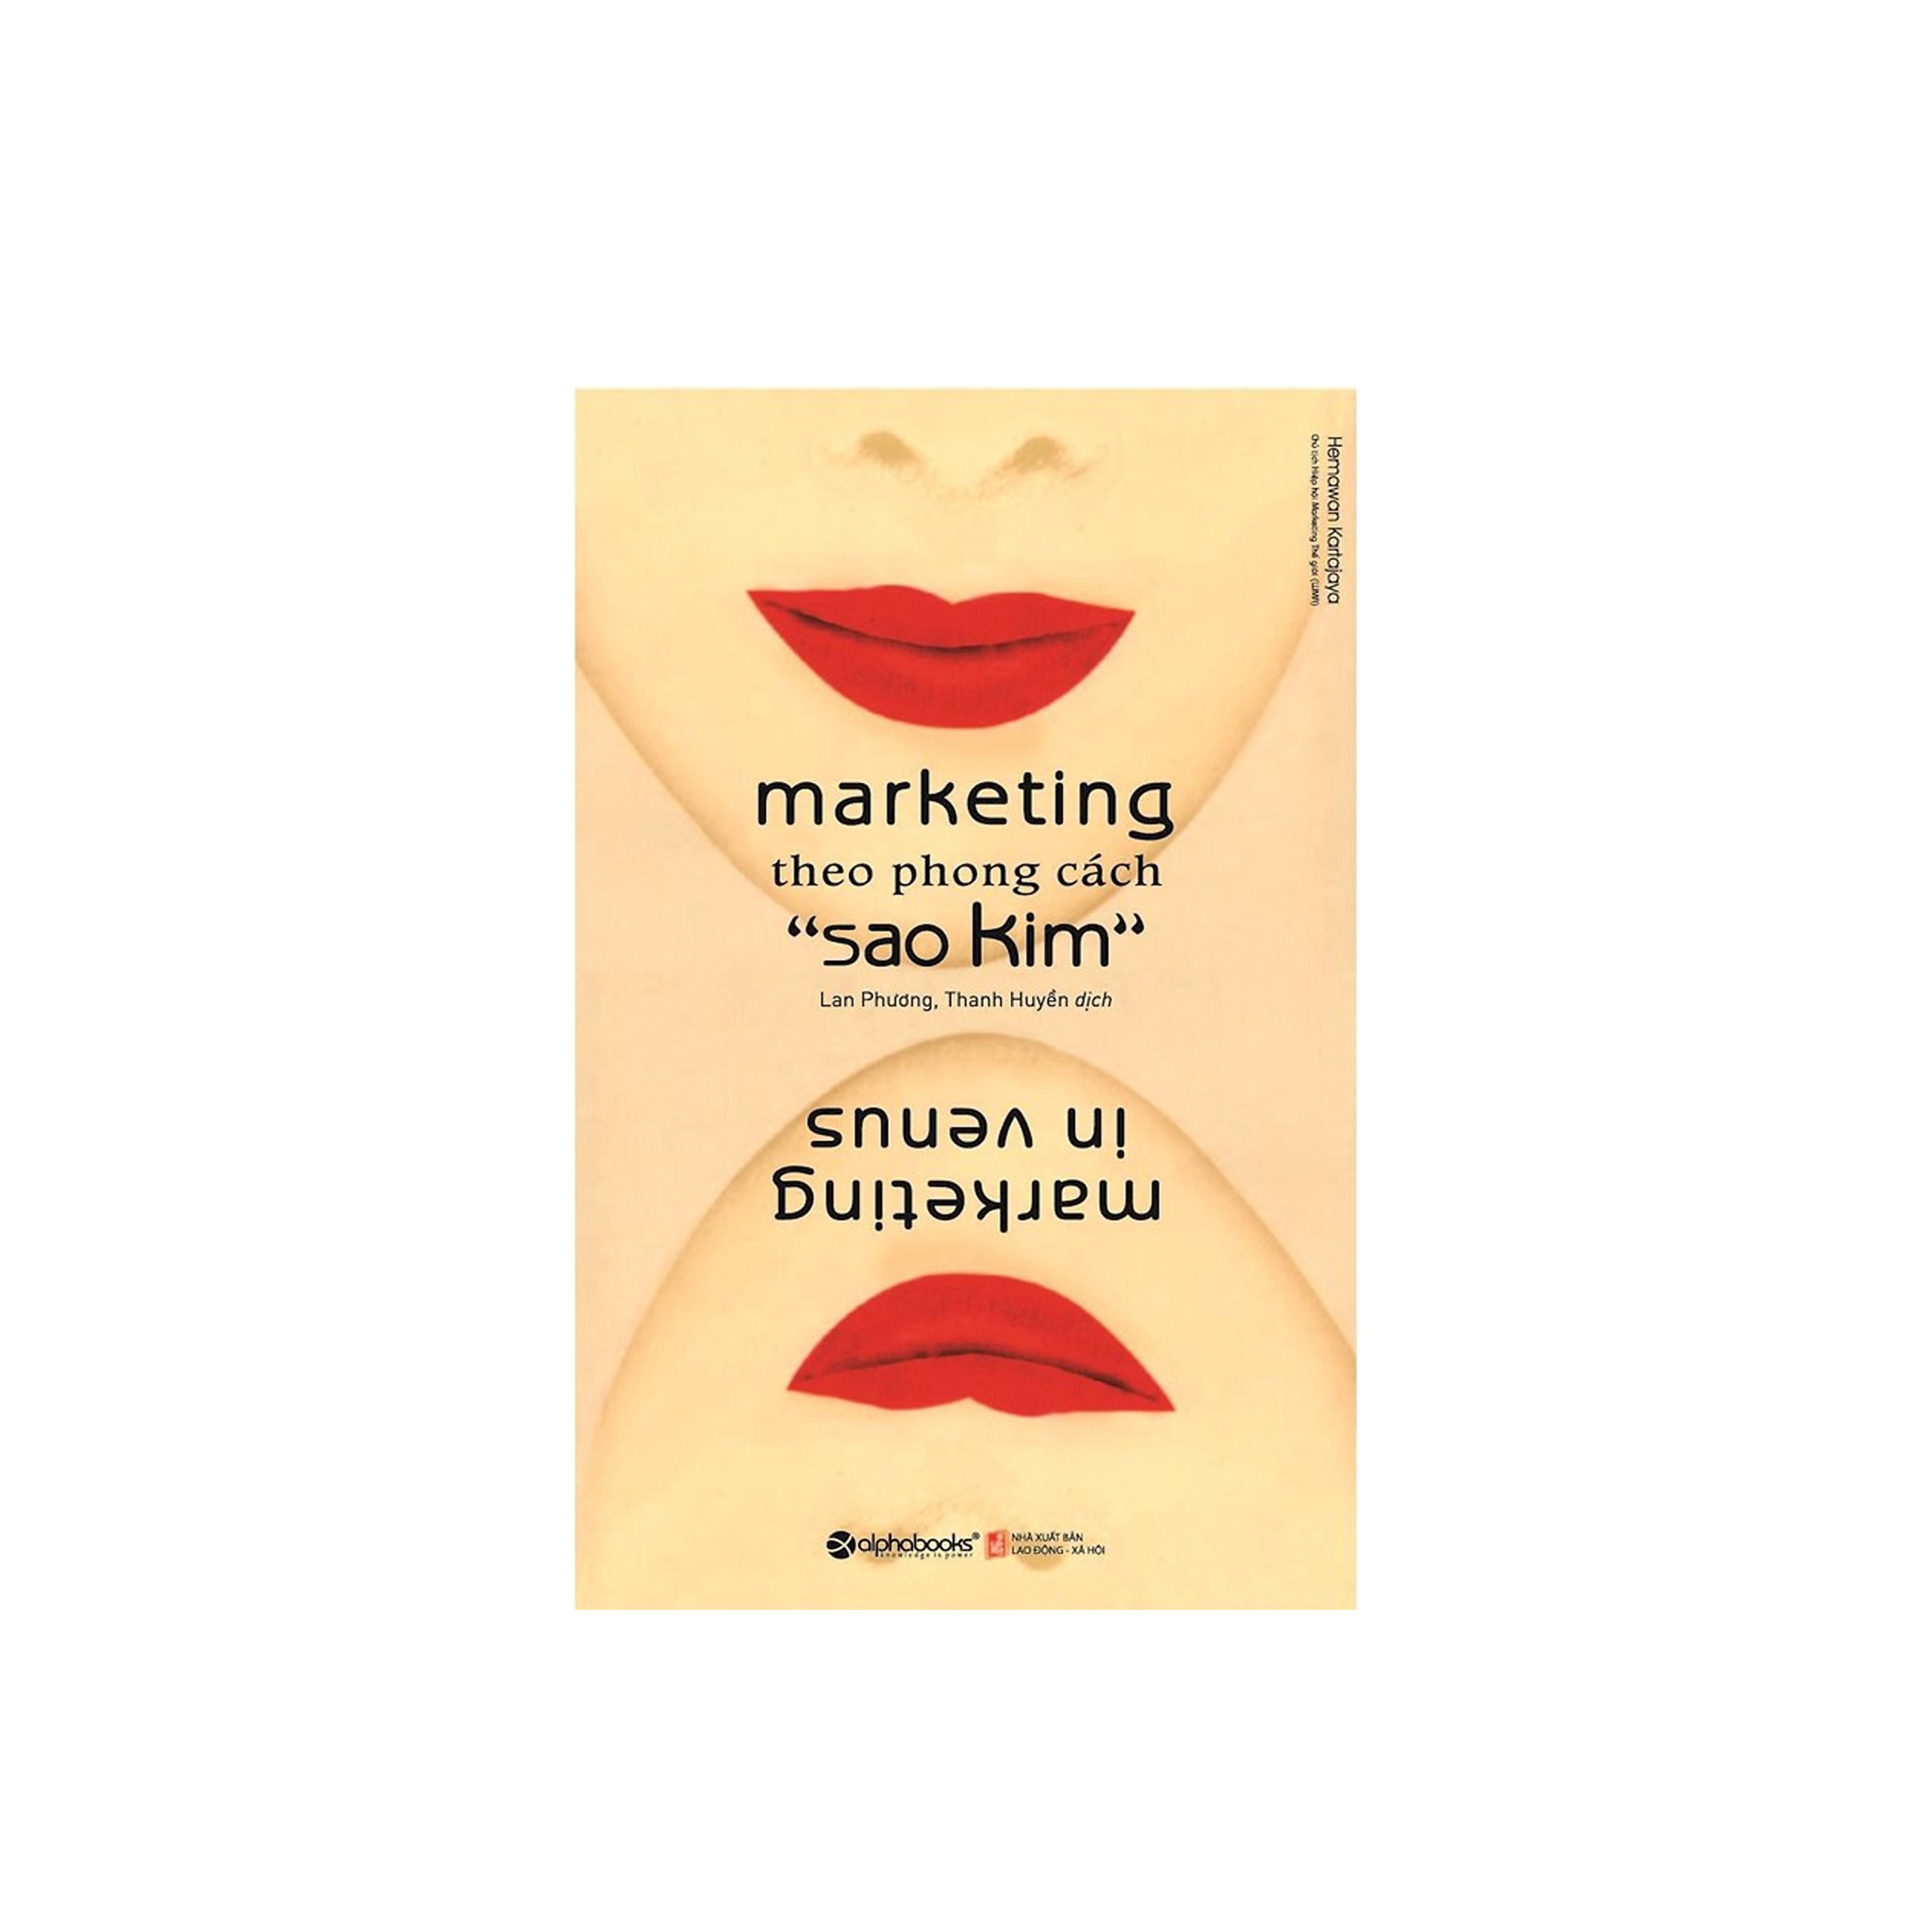 Combo Sách Kỹ Năng Marketing: Marketing Theo Phong Cách Sao Kim + Kinh Thánh Về Nghệ Thuật Bán Hàng